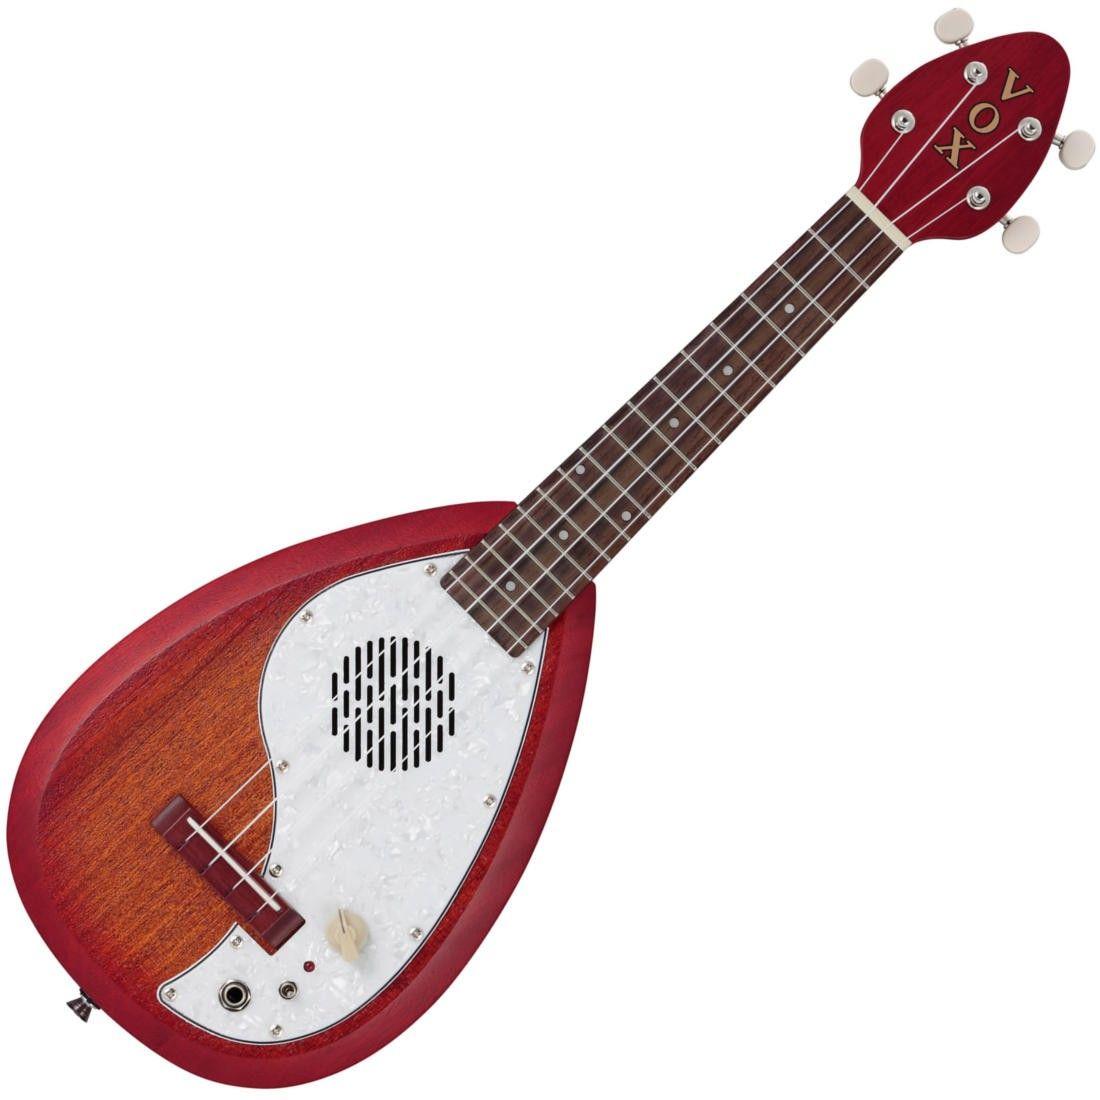 vox-ukeletric-33-electric-ukulele-reburst.jpg (1100×1100)